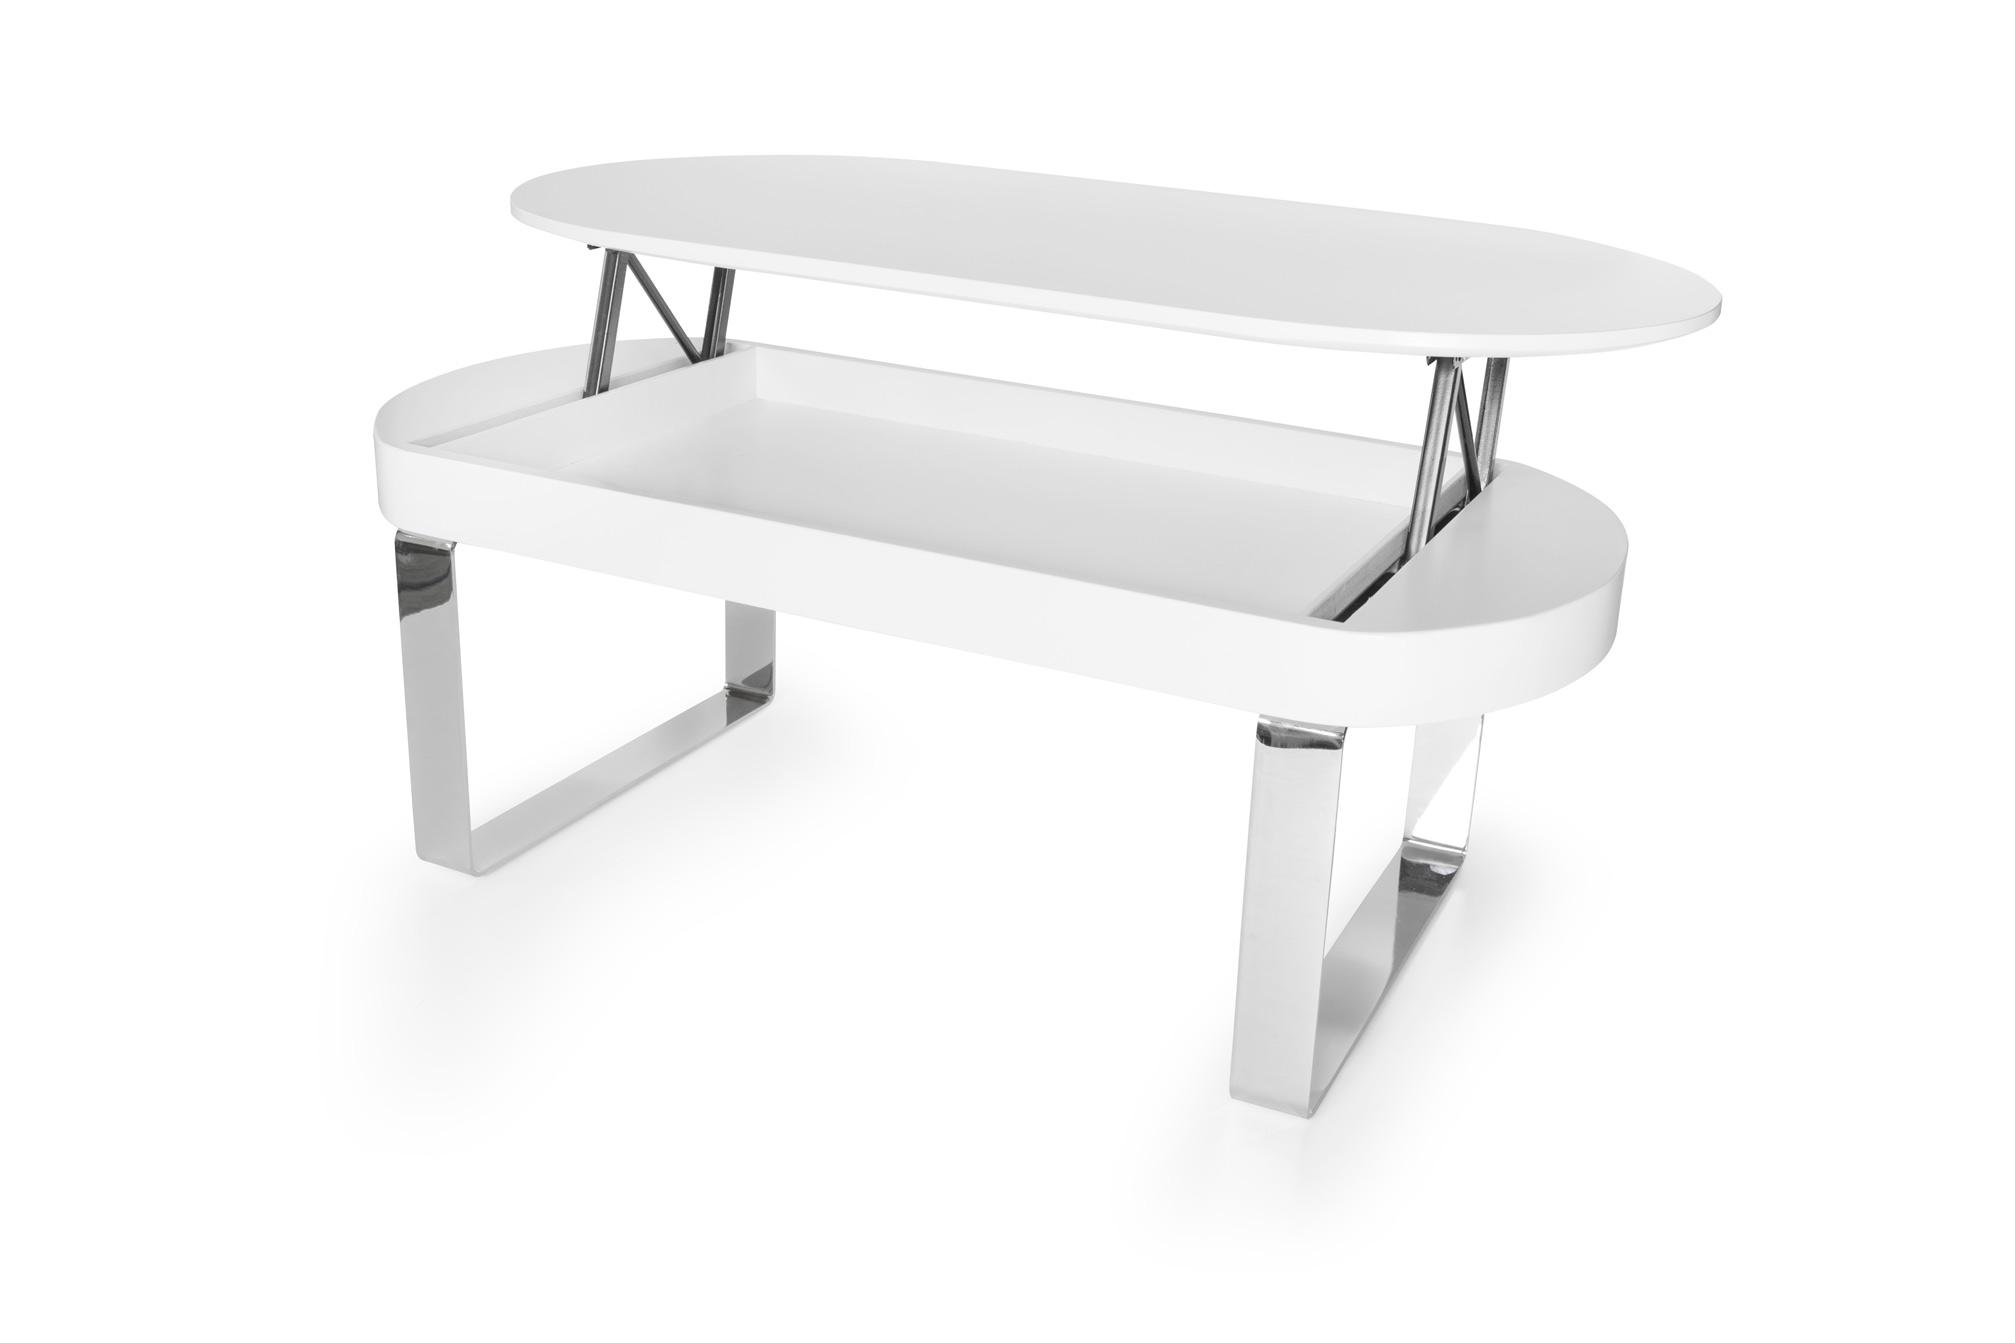 Mesa centro ovalada blanca elevable la mesa de centro - Mesa de centro elevable ...